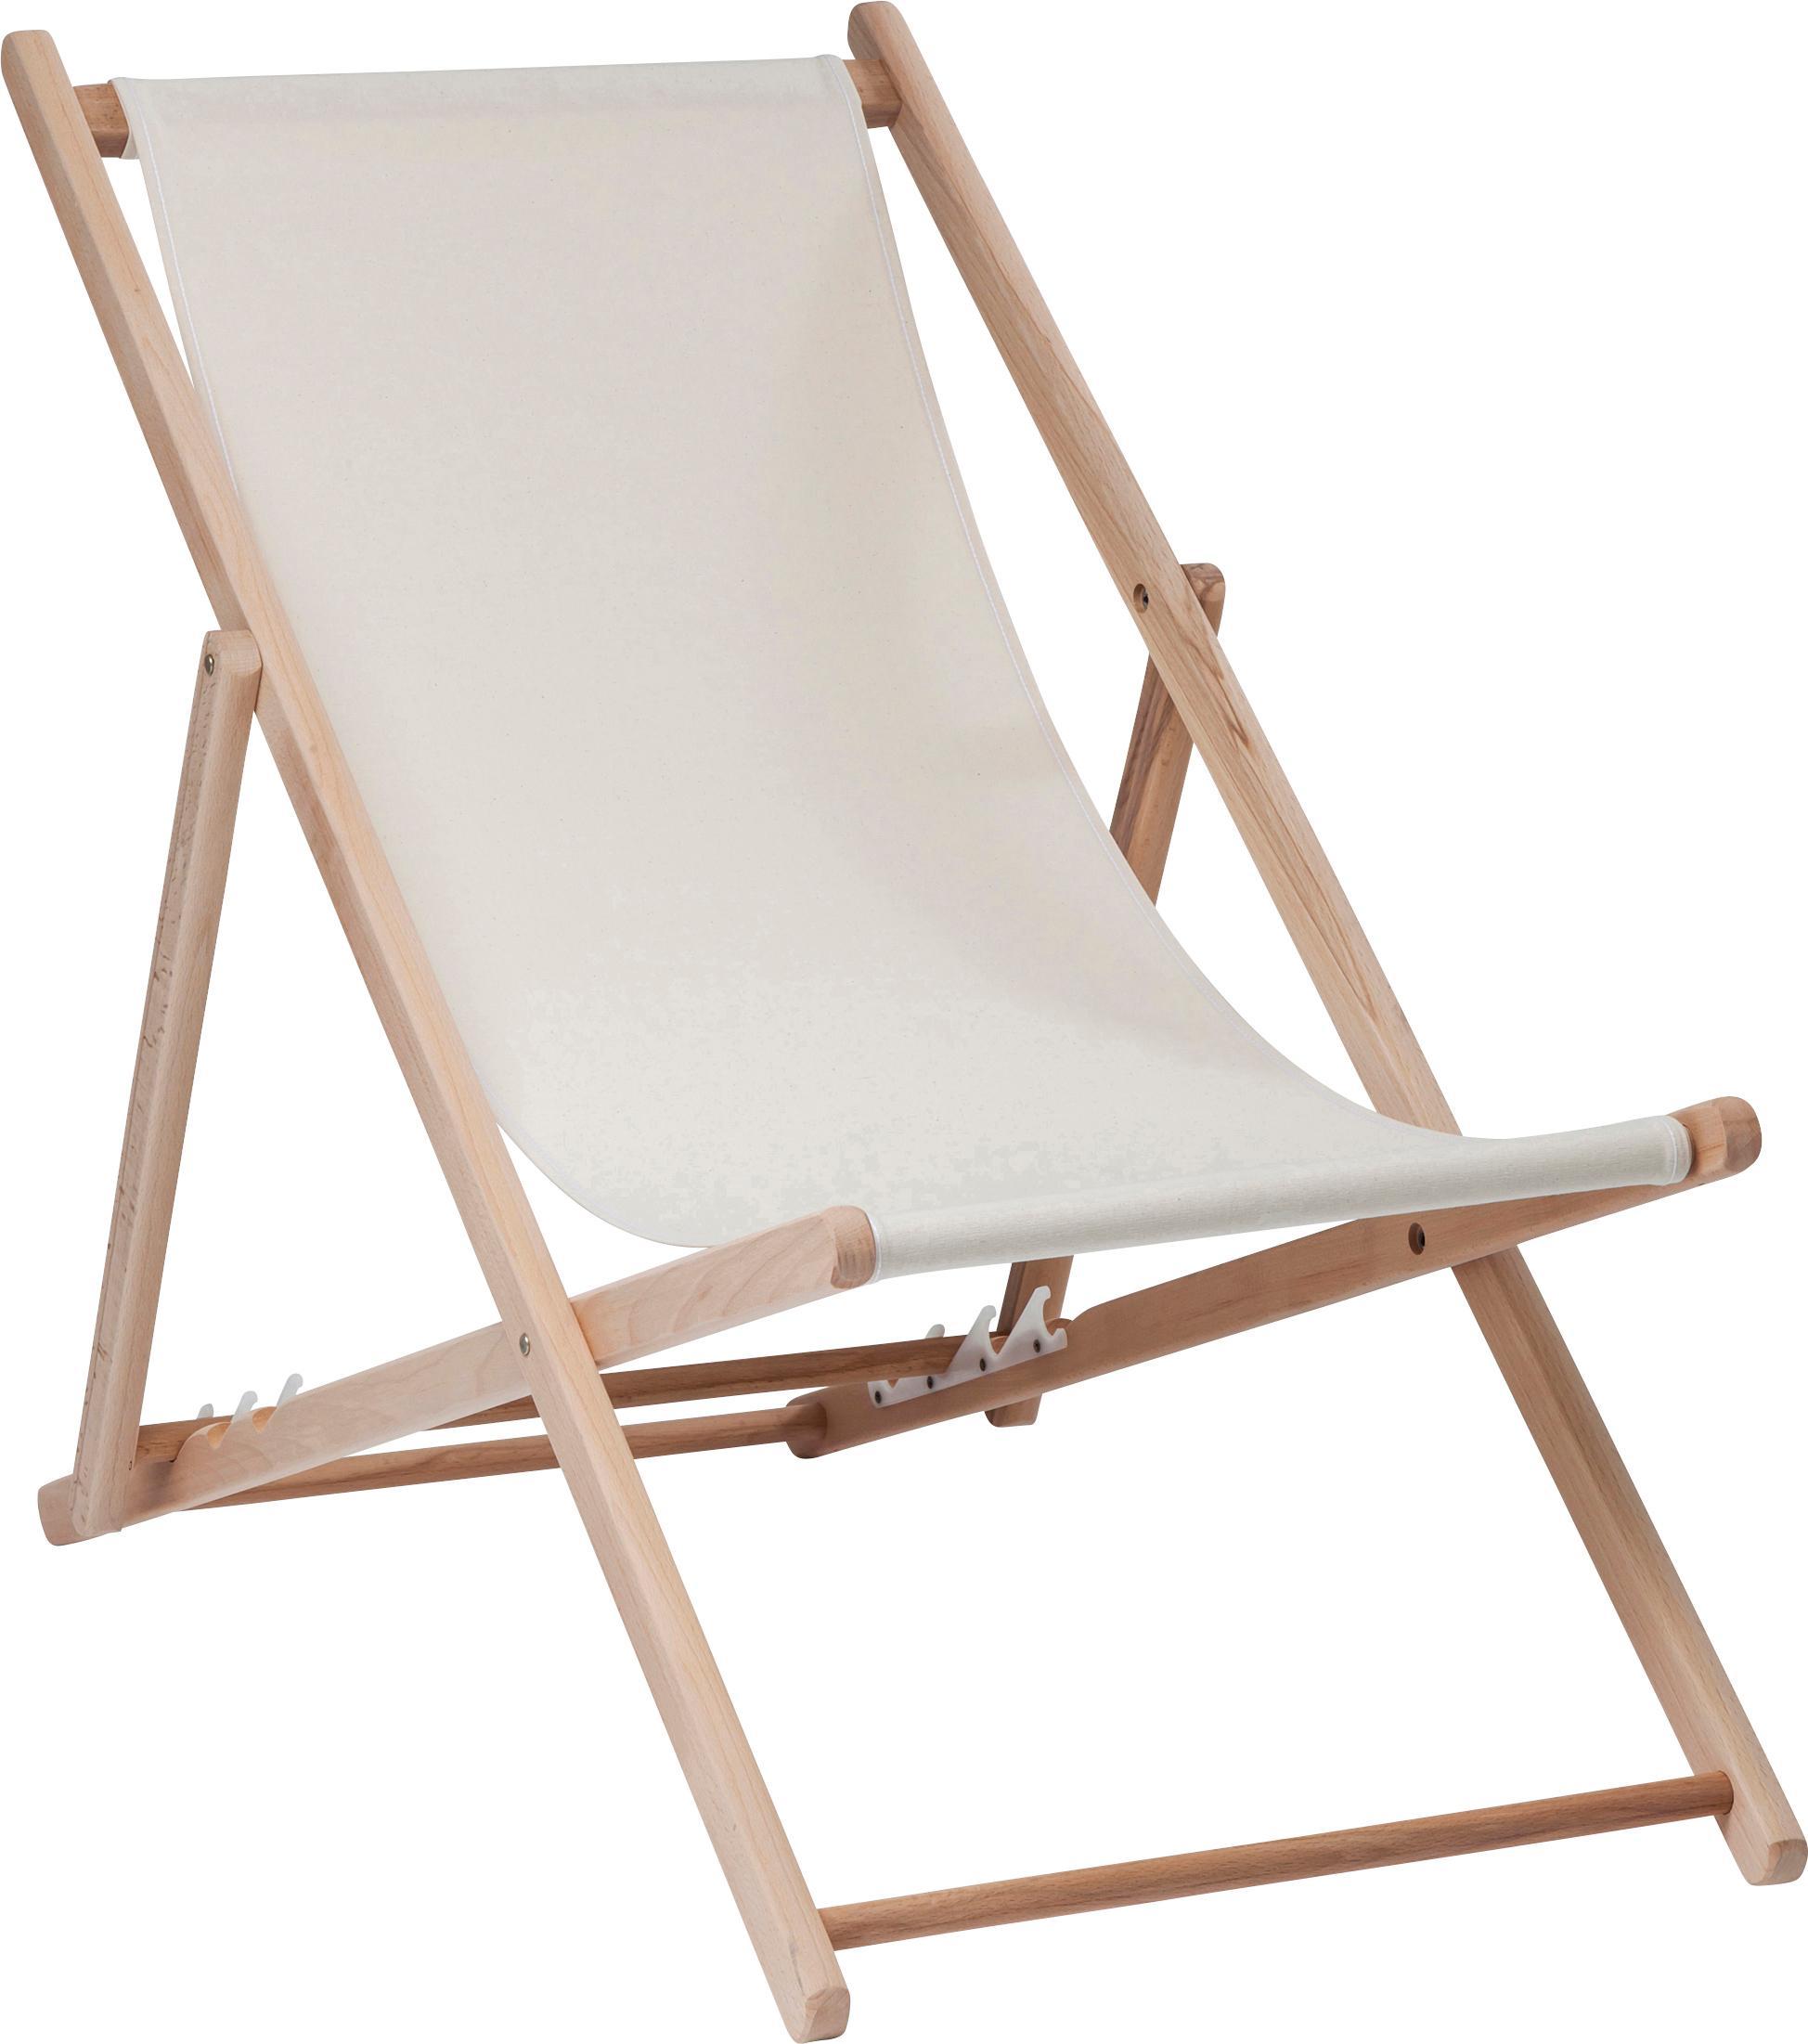 Sedia a sdraio pieghevole Hot Summer, Struttura: legno di faggio, Beige, legno di faggio, Larg. 96 x Prof. 56 cm